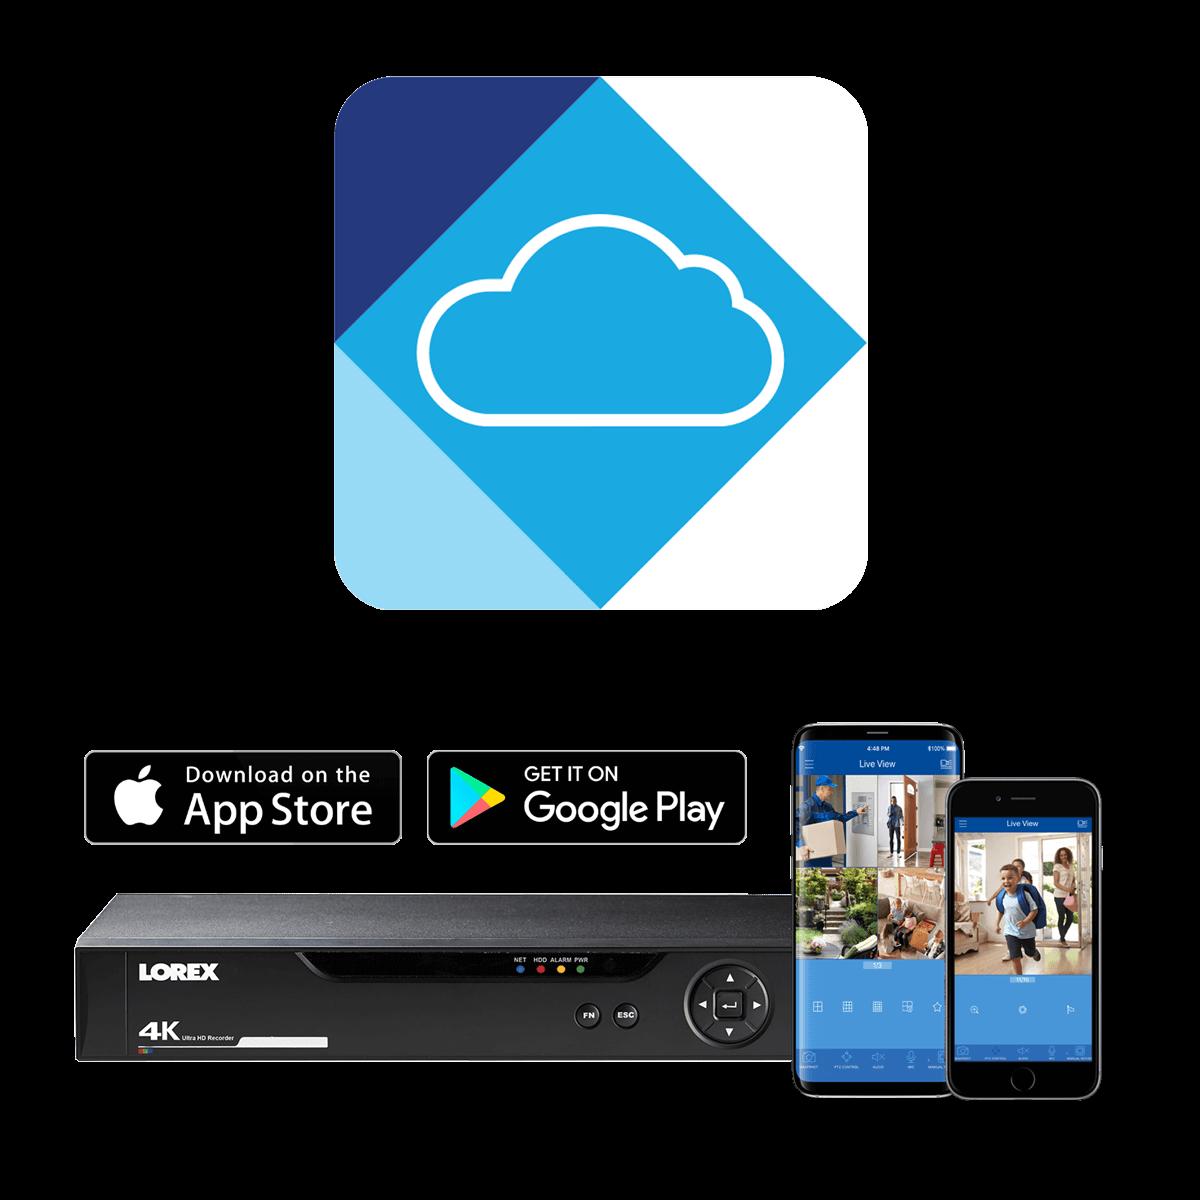 FLIR Cloud app for 2K DVR